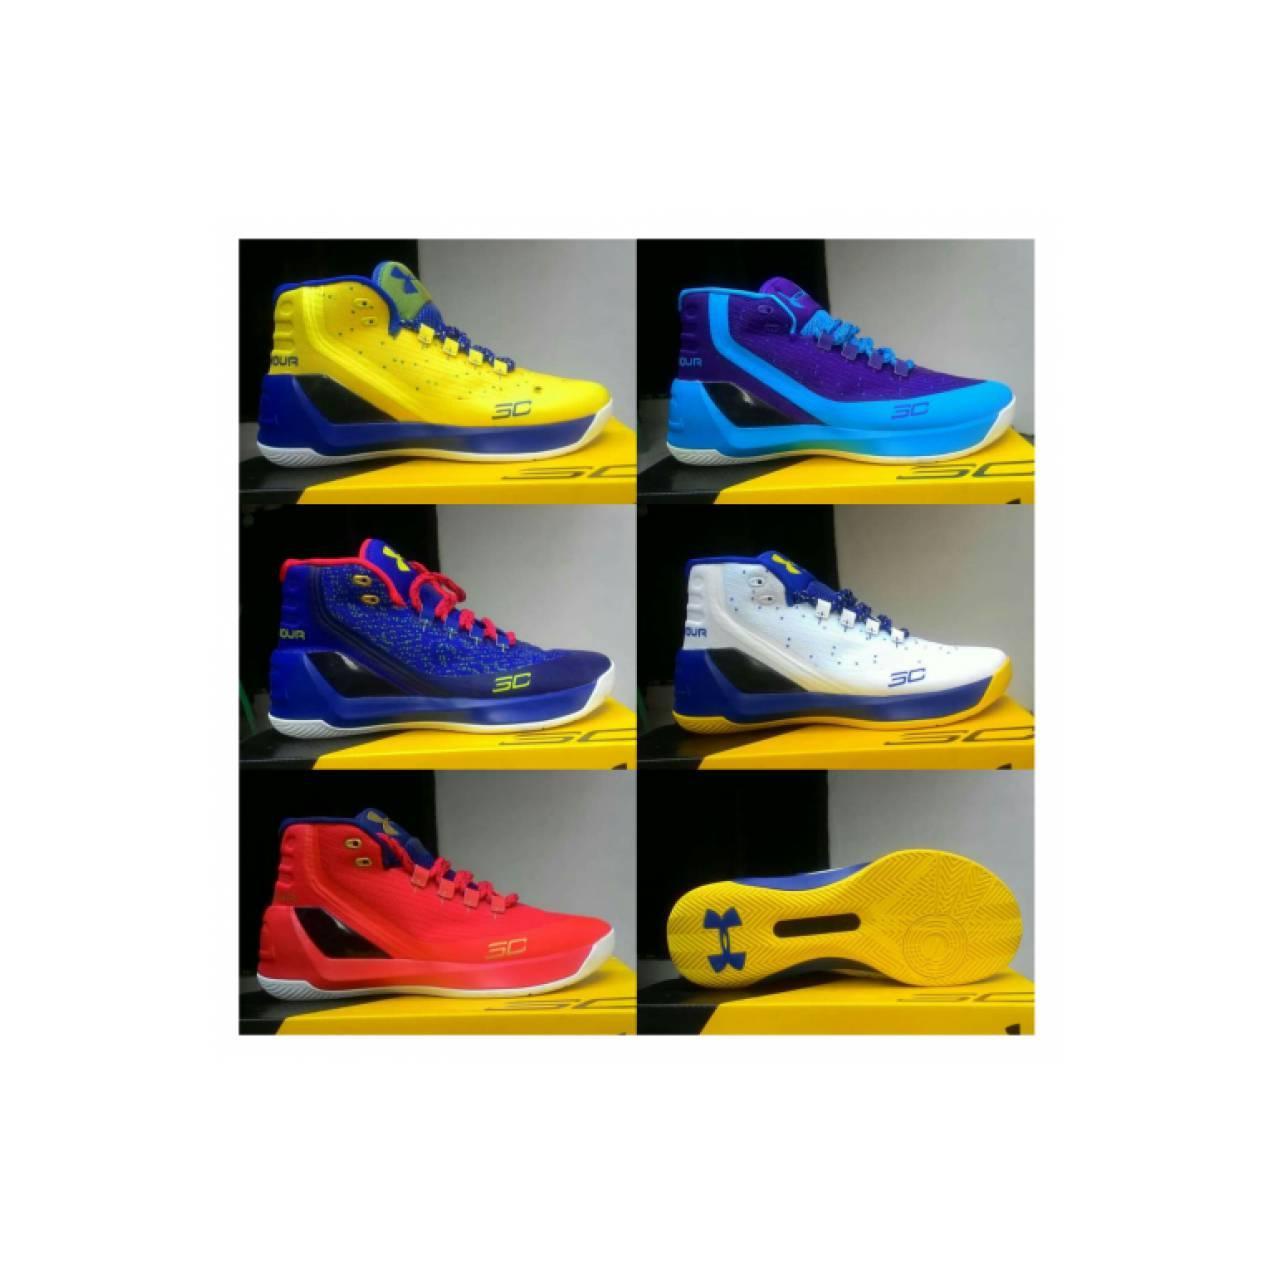 Under Armour Curry 3.0 Premium Sepatu Basket Pria